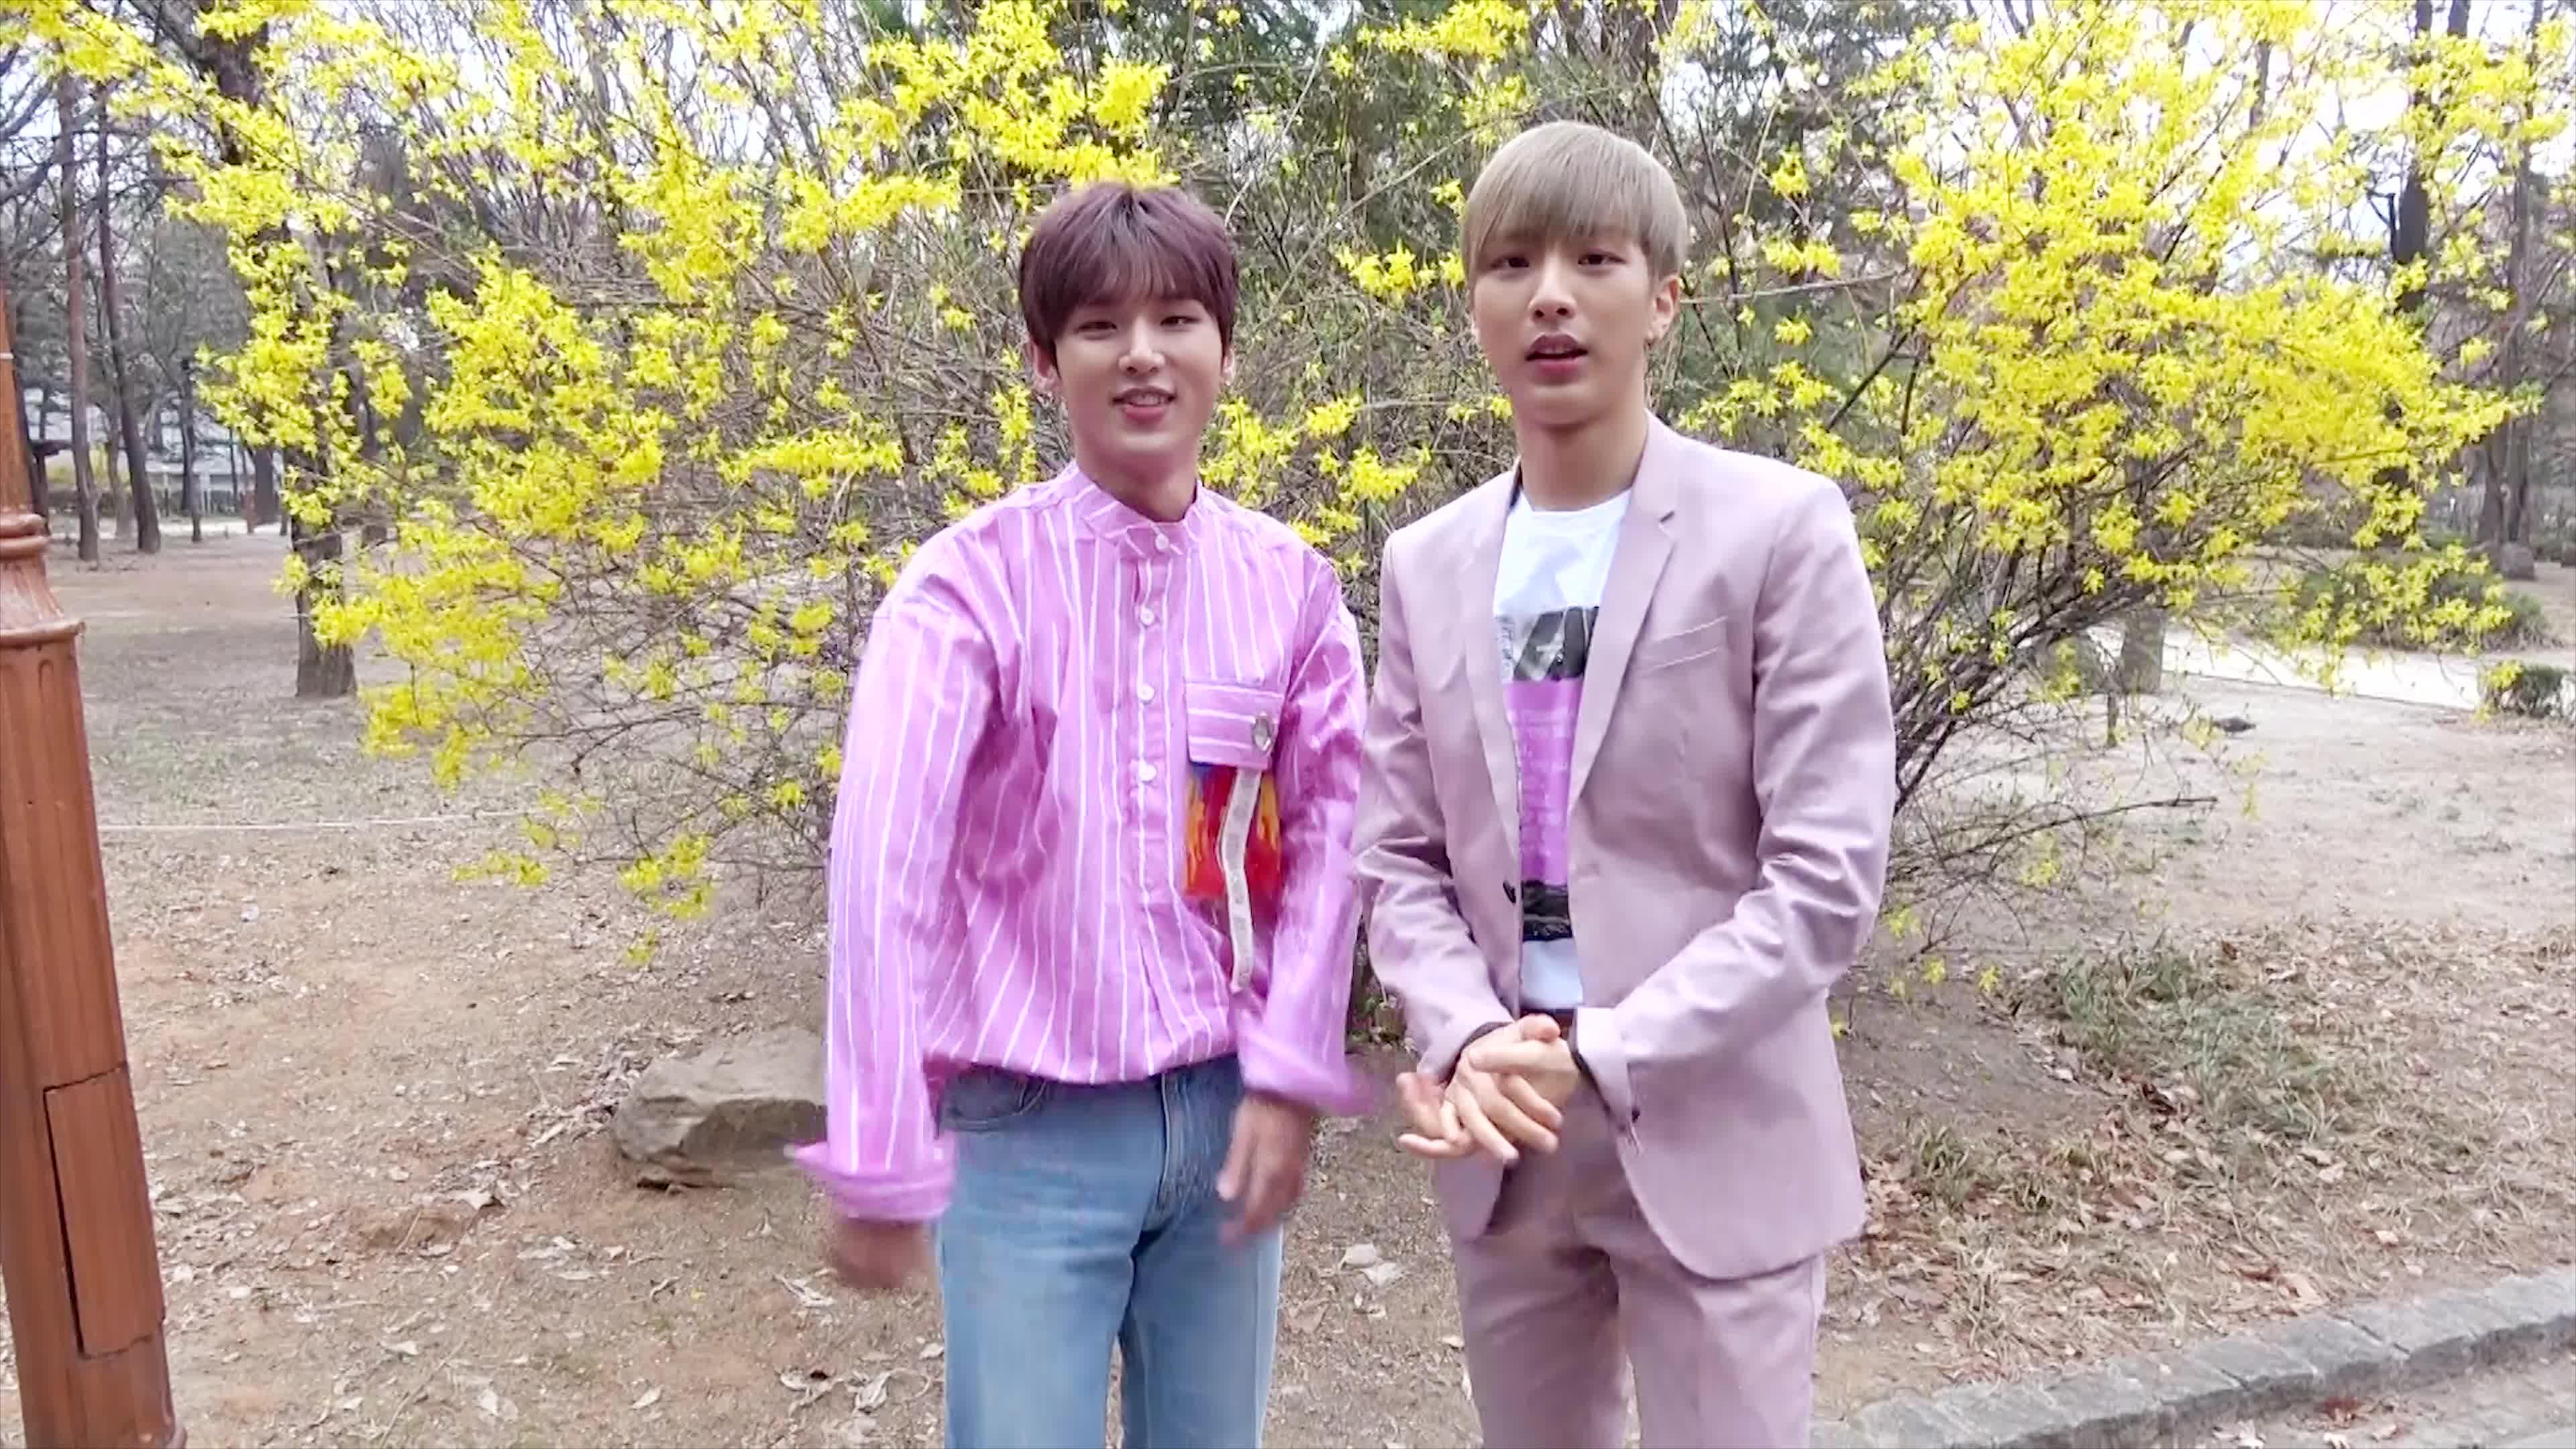 [♥ Mission] 건민X희도 하트 받을 준비 됐나요?